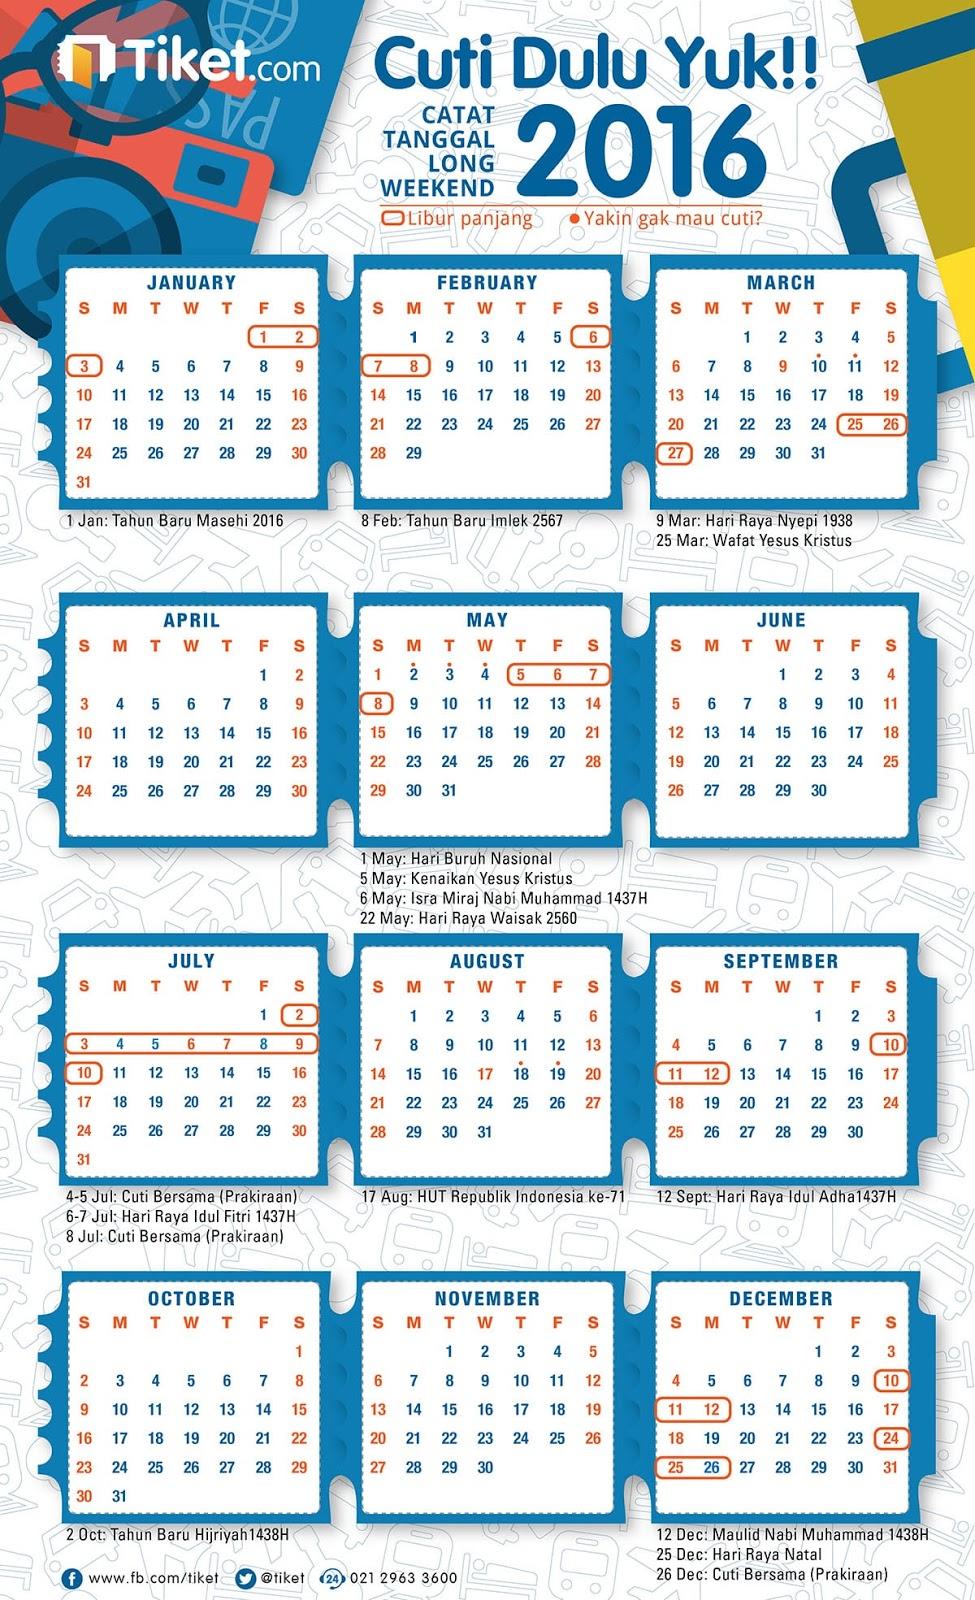 Kalender Hari Libur Cuti Bersama Idul Fitri 2016 - Olah Warta